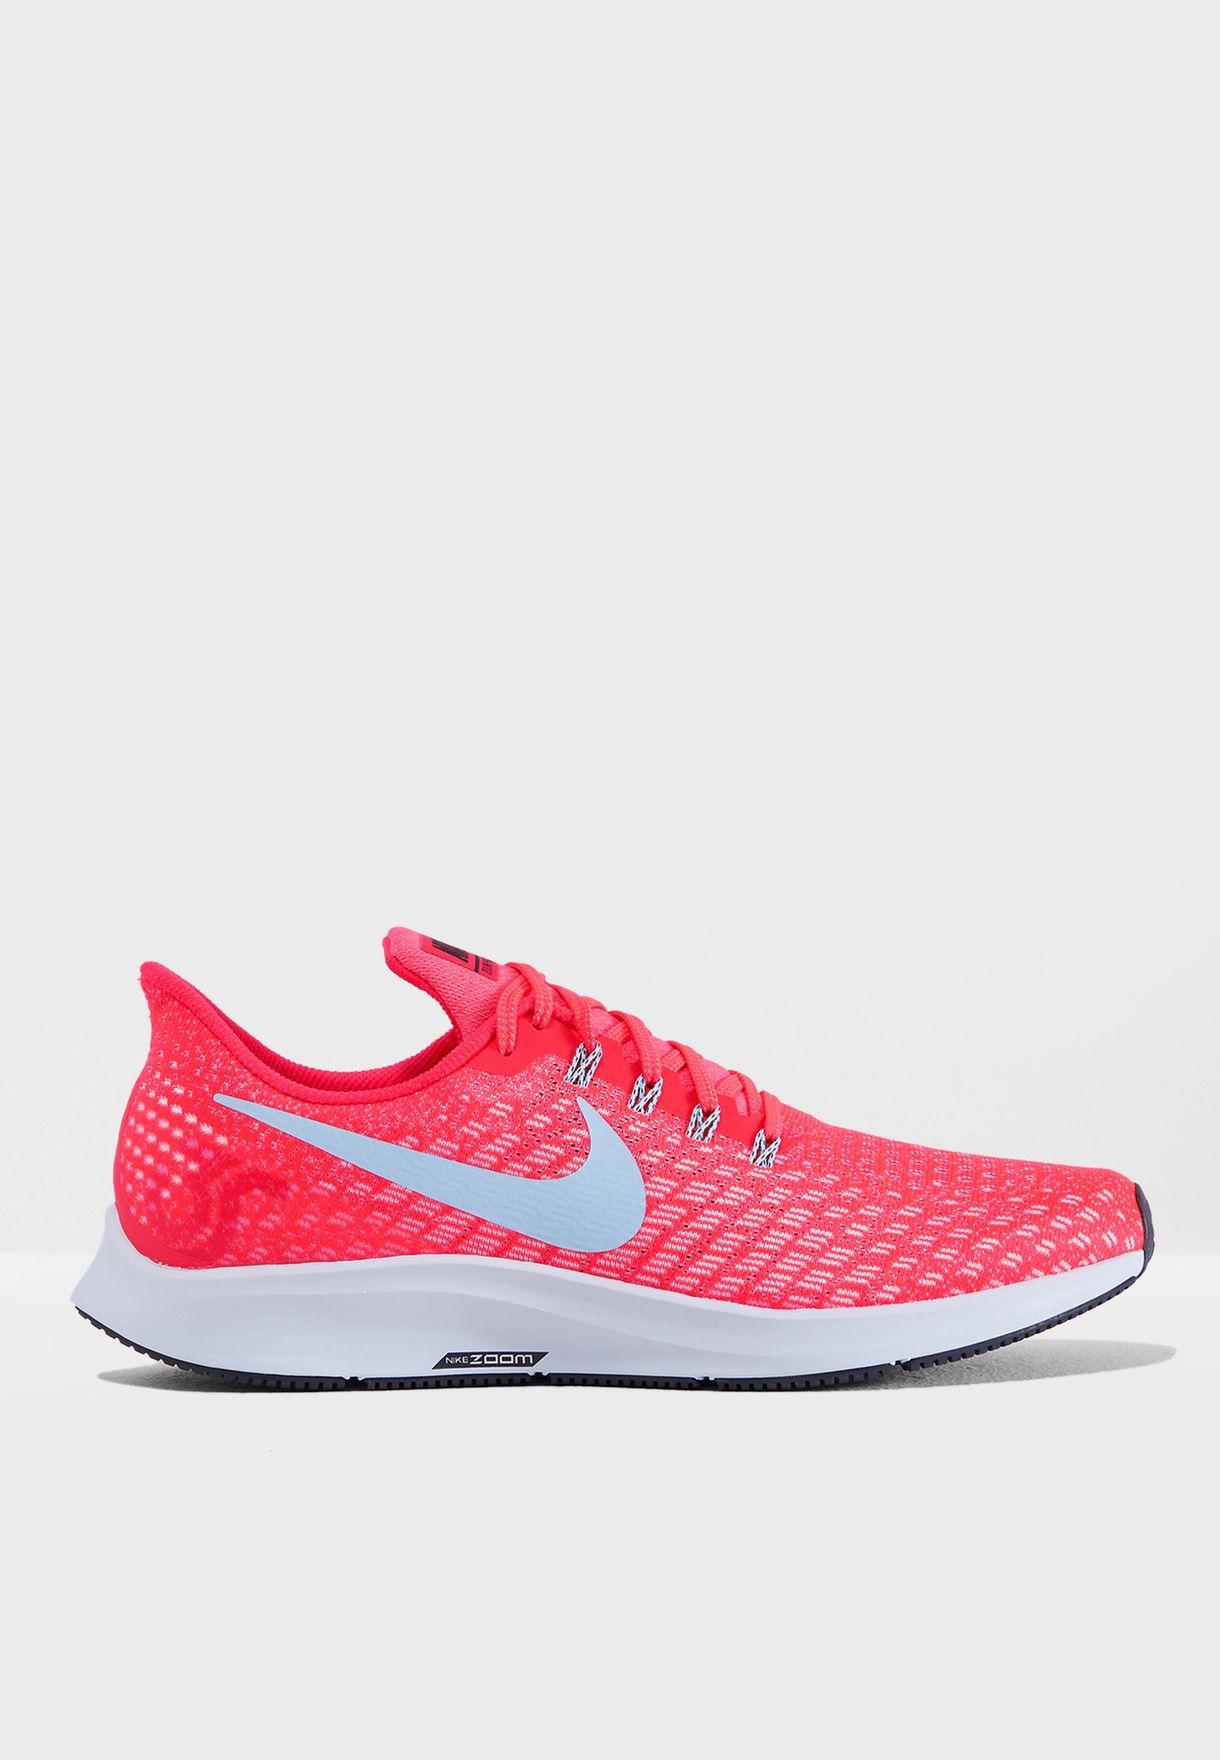 562273a63a84 Shop Nike pink Air Zoom Pegasus 35 942851-600 for Men in Saudi ...